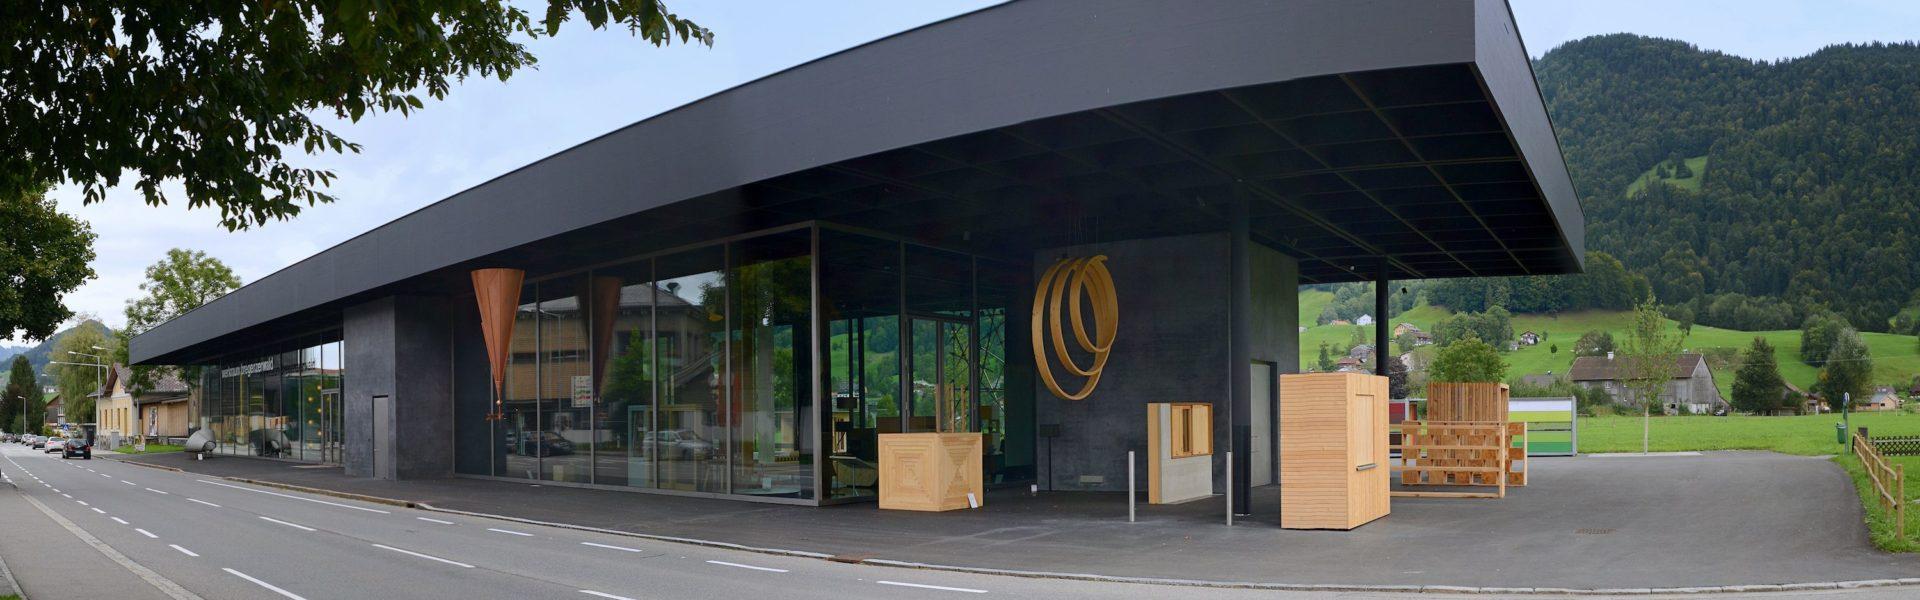 Bregenzerwald Werkraum Exhibition Handwerk Form 2018